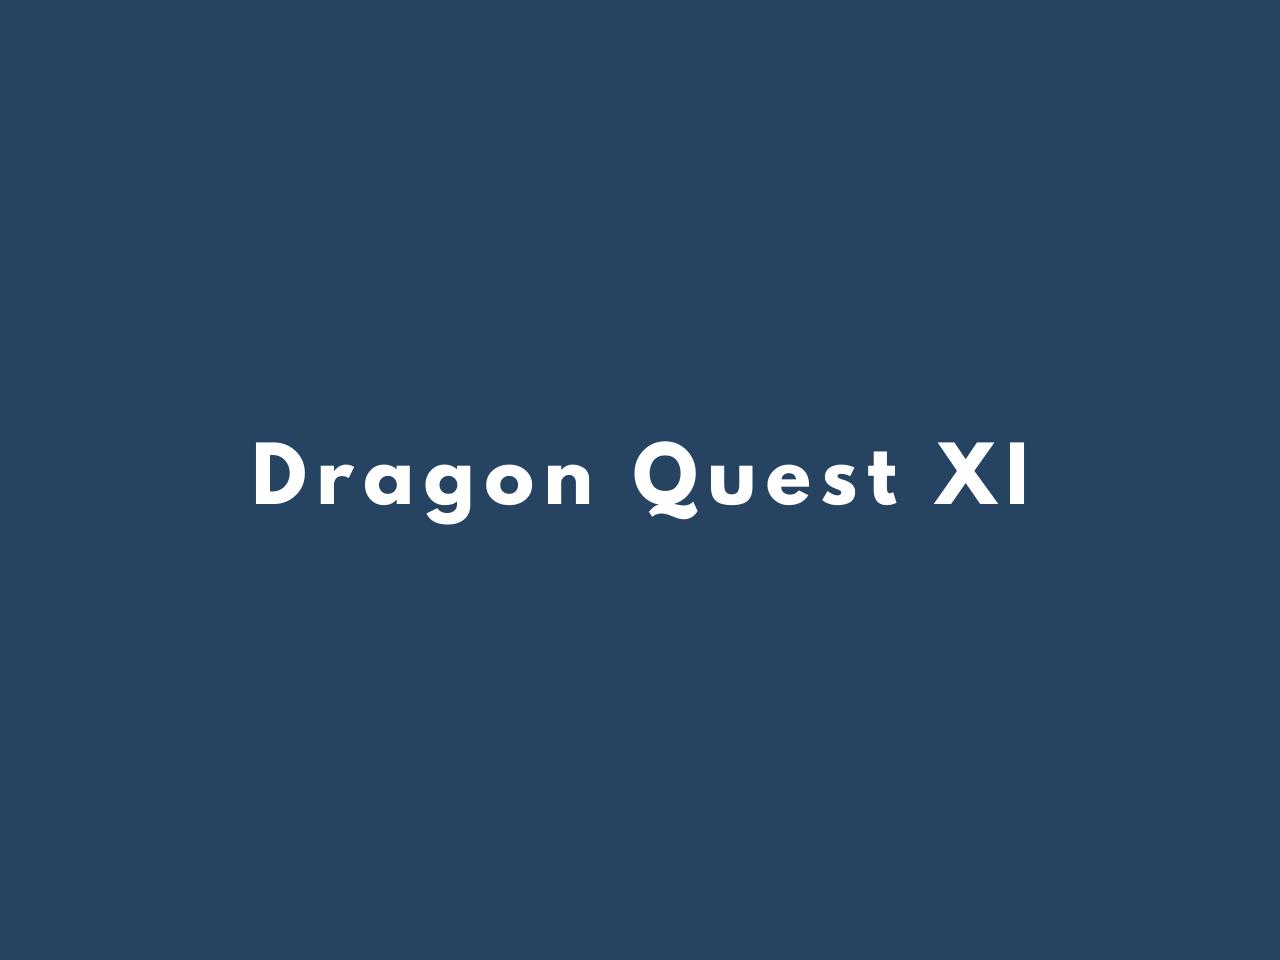 英会話学習に最適なTVゲーム (PS4・PC) ドラゴンクエスト11 (海外・北米版)